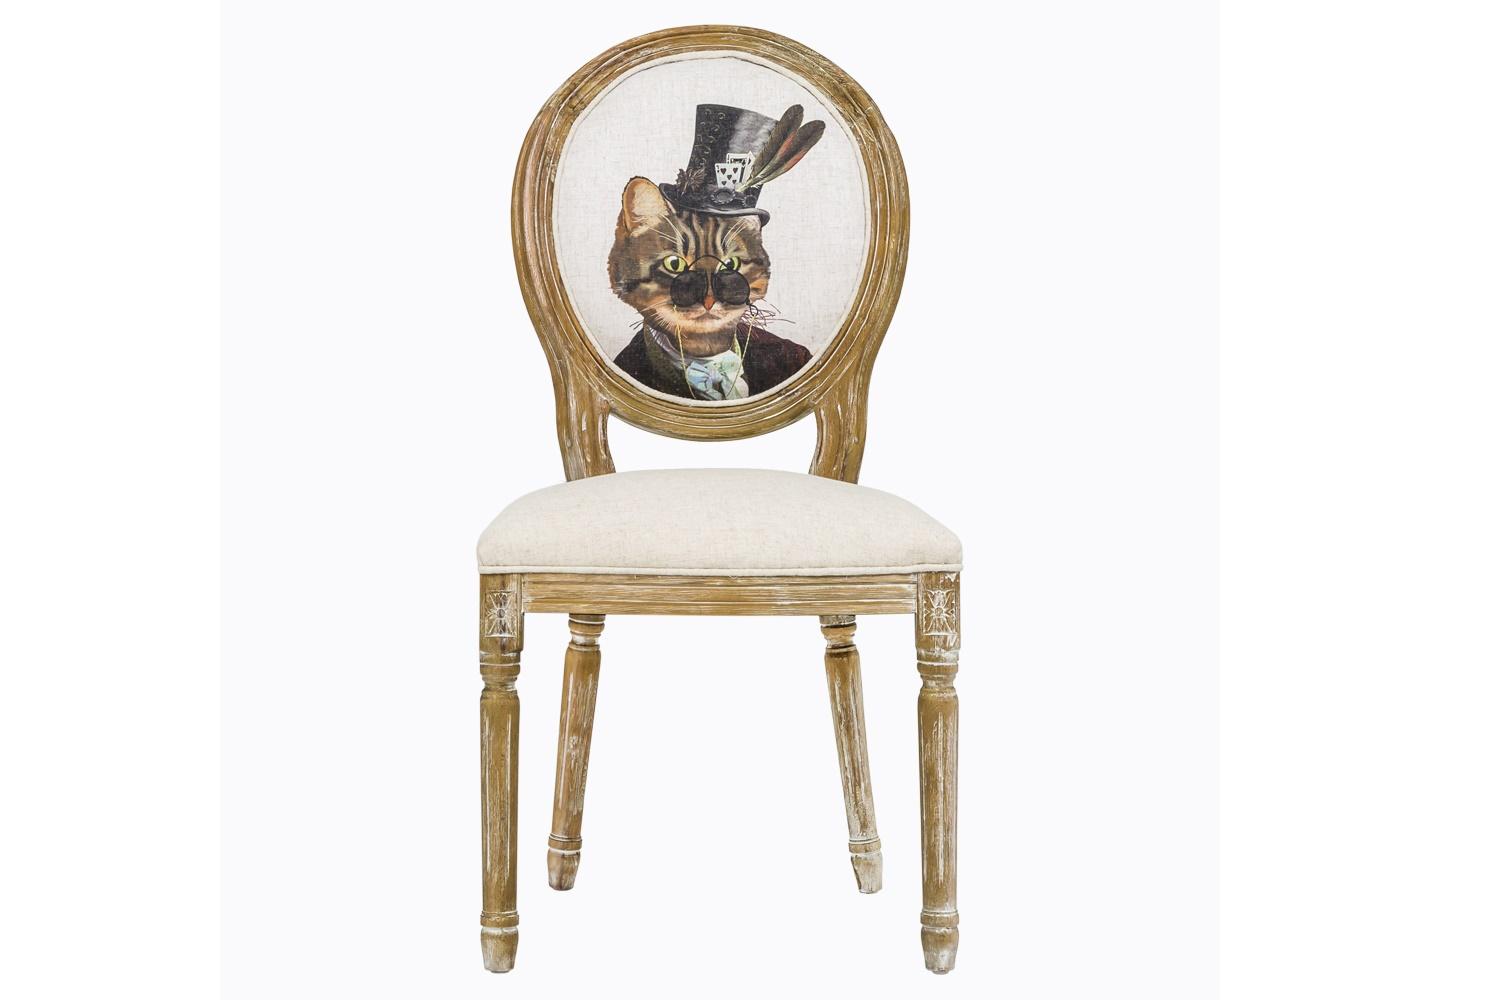 Стул «Мистер Кот Лайт»Обеденные стулья<br>Стулья в стиле шебби-шик – не просто копия замшелой старины. Это особое настроение и абсолютно новая подача привычных вещей. Смелая комбинация ретро и ультрасовременного стиля поп-арт? Почему бы и нет! Каркас этого стула выточен из цельного массива и искусственно состарен. Обивку из мягкой ткани с тефлоновым покрытием не так легко испачкать, а вот почистить – не проблема. На спинке – принт с изображением усатого и полосатого господина в цилиндре. Вес стула равен 7 кг.<br><br>Material: Текстиль<br>Length см: 50<br>Width см: 57<br>Height см: 98